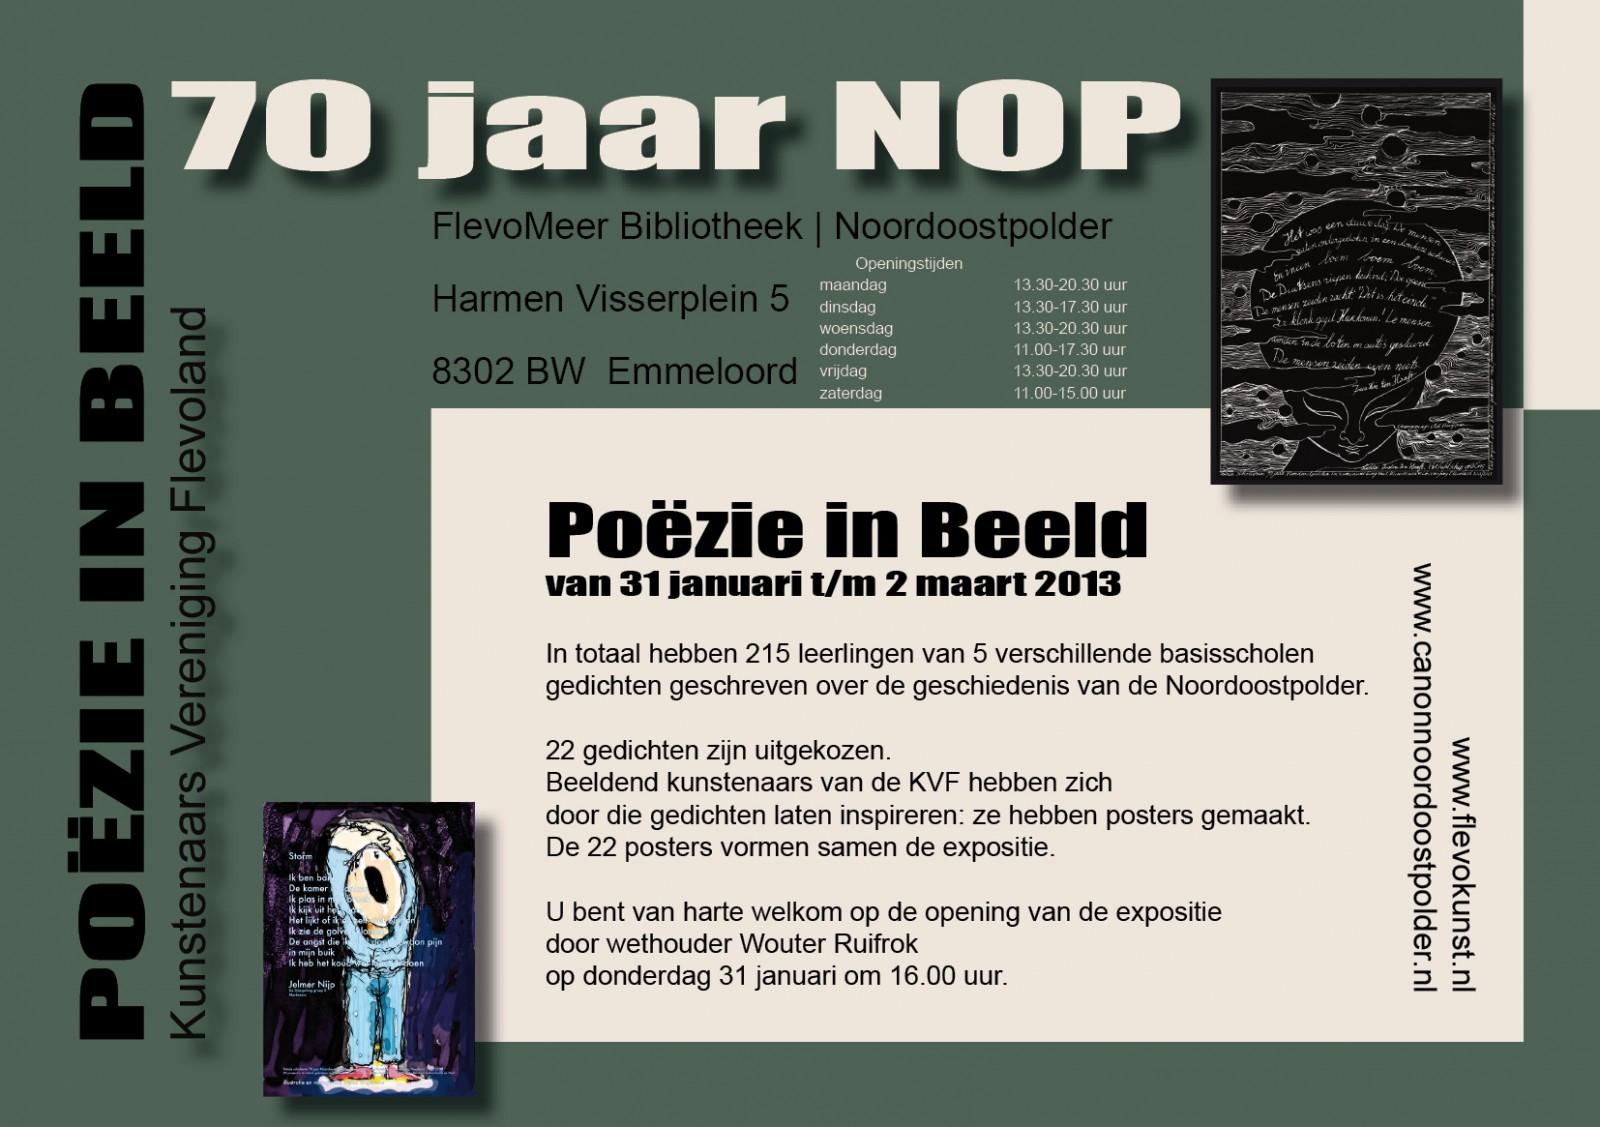 2013 Poezie In Beeld 70 Jaar Nop Kunstenaars Vereniging Flevoland